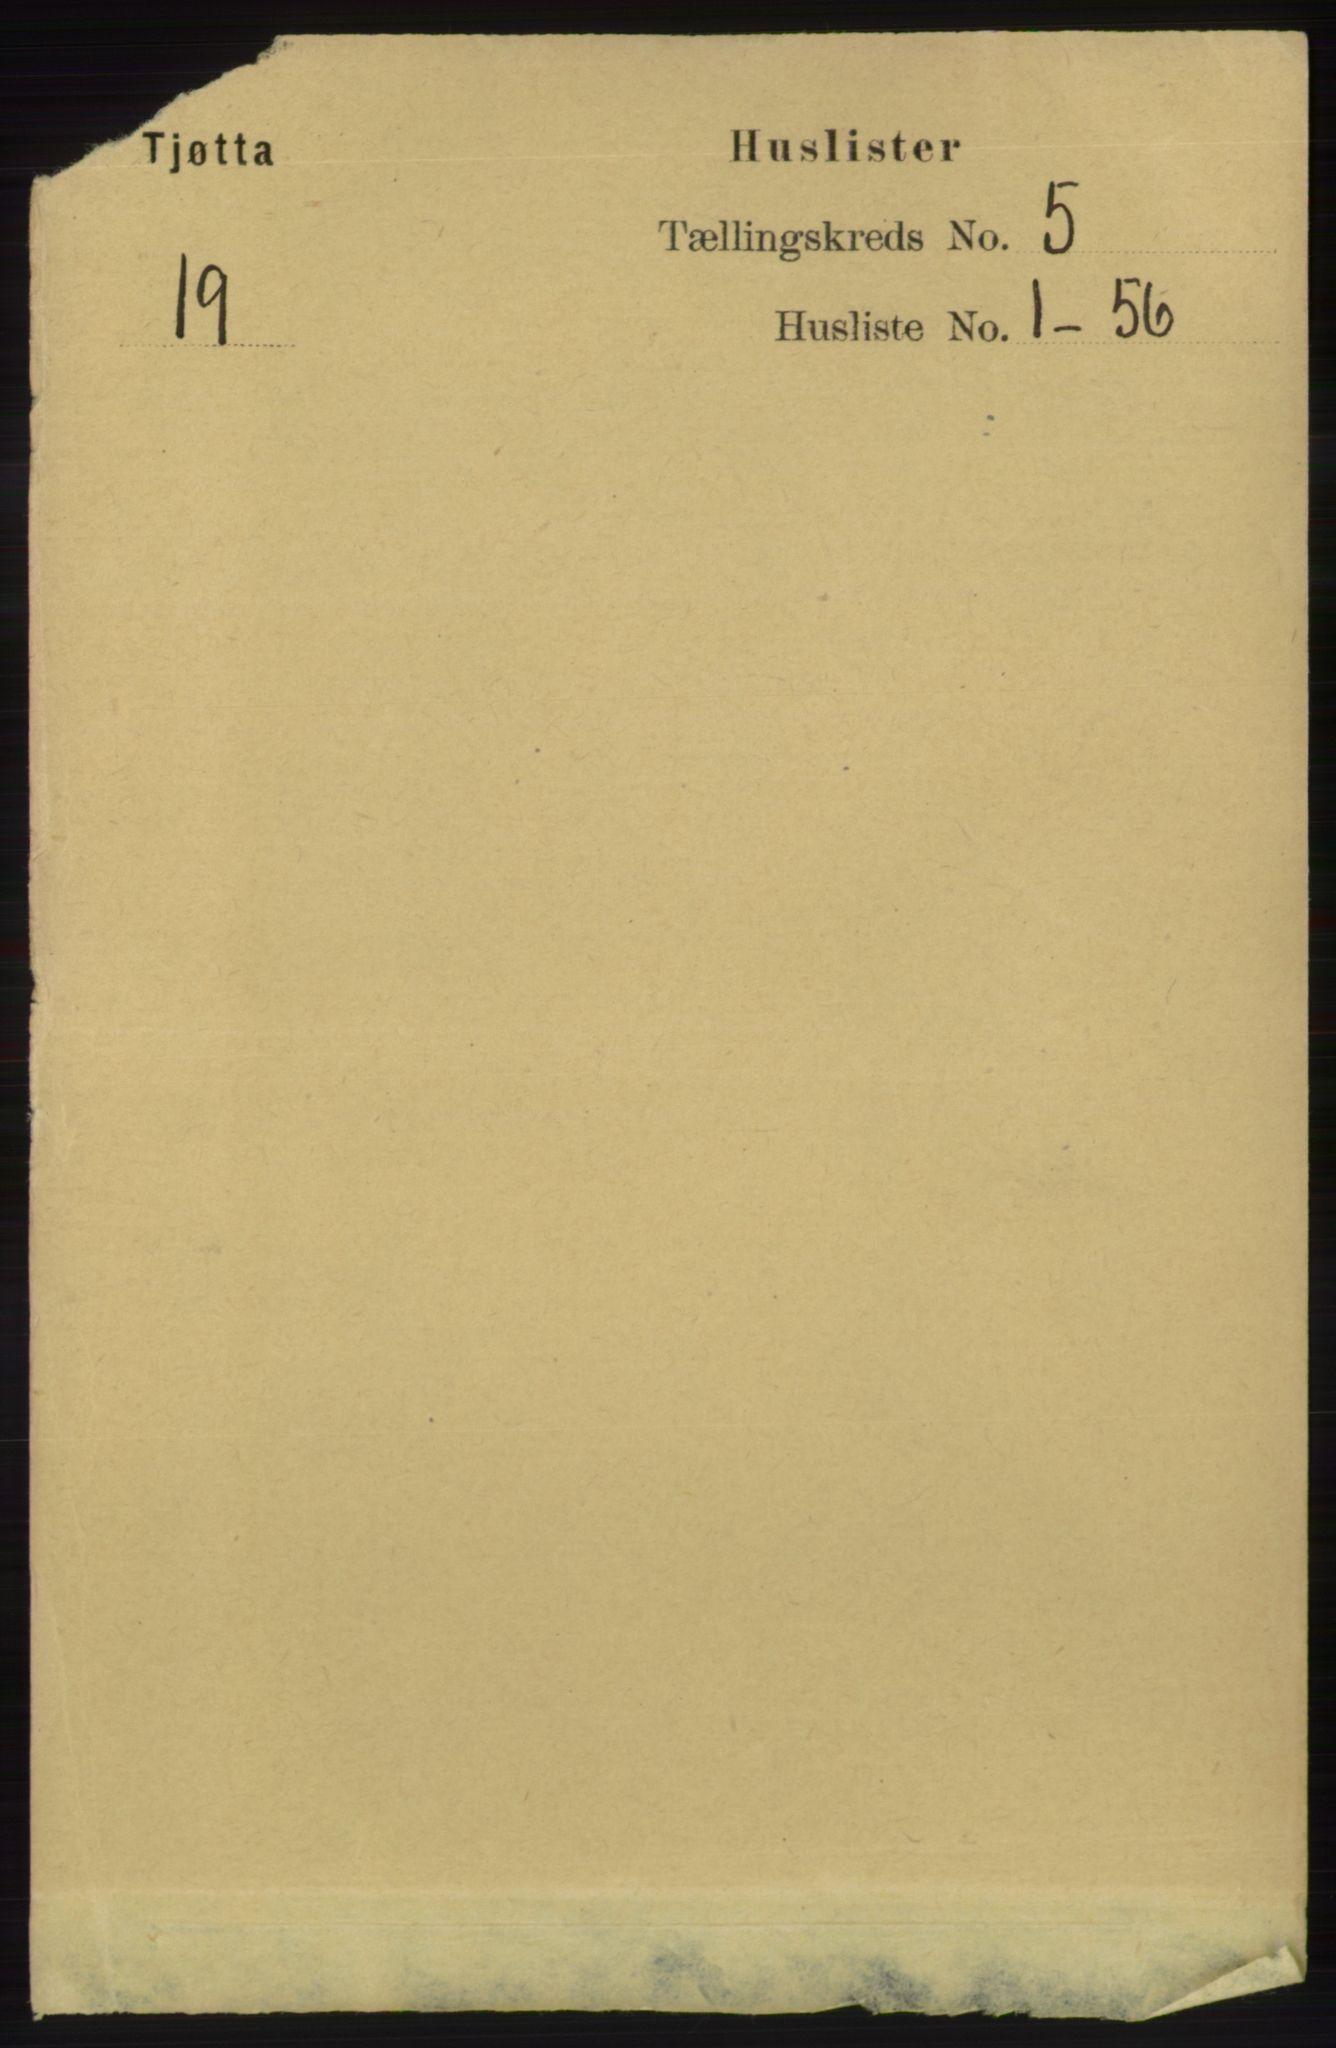 RA, Folketelling 1891 for 1817 Tjøtta herred, 1891, s. 2320